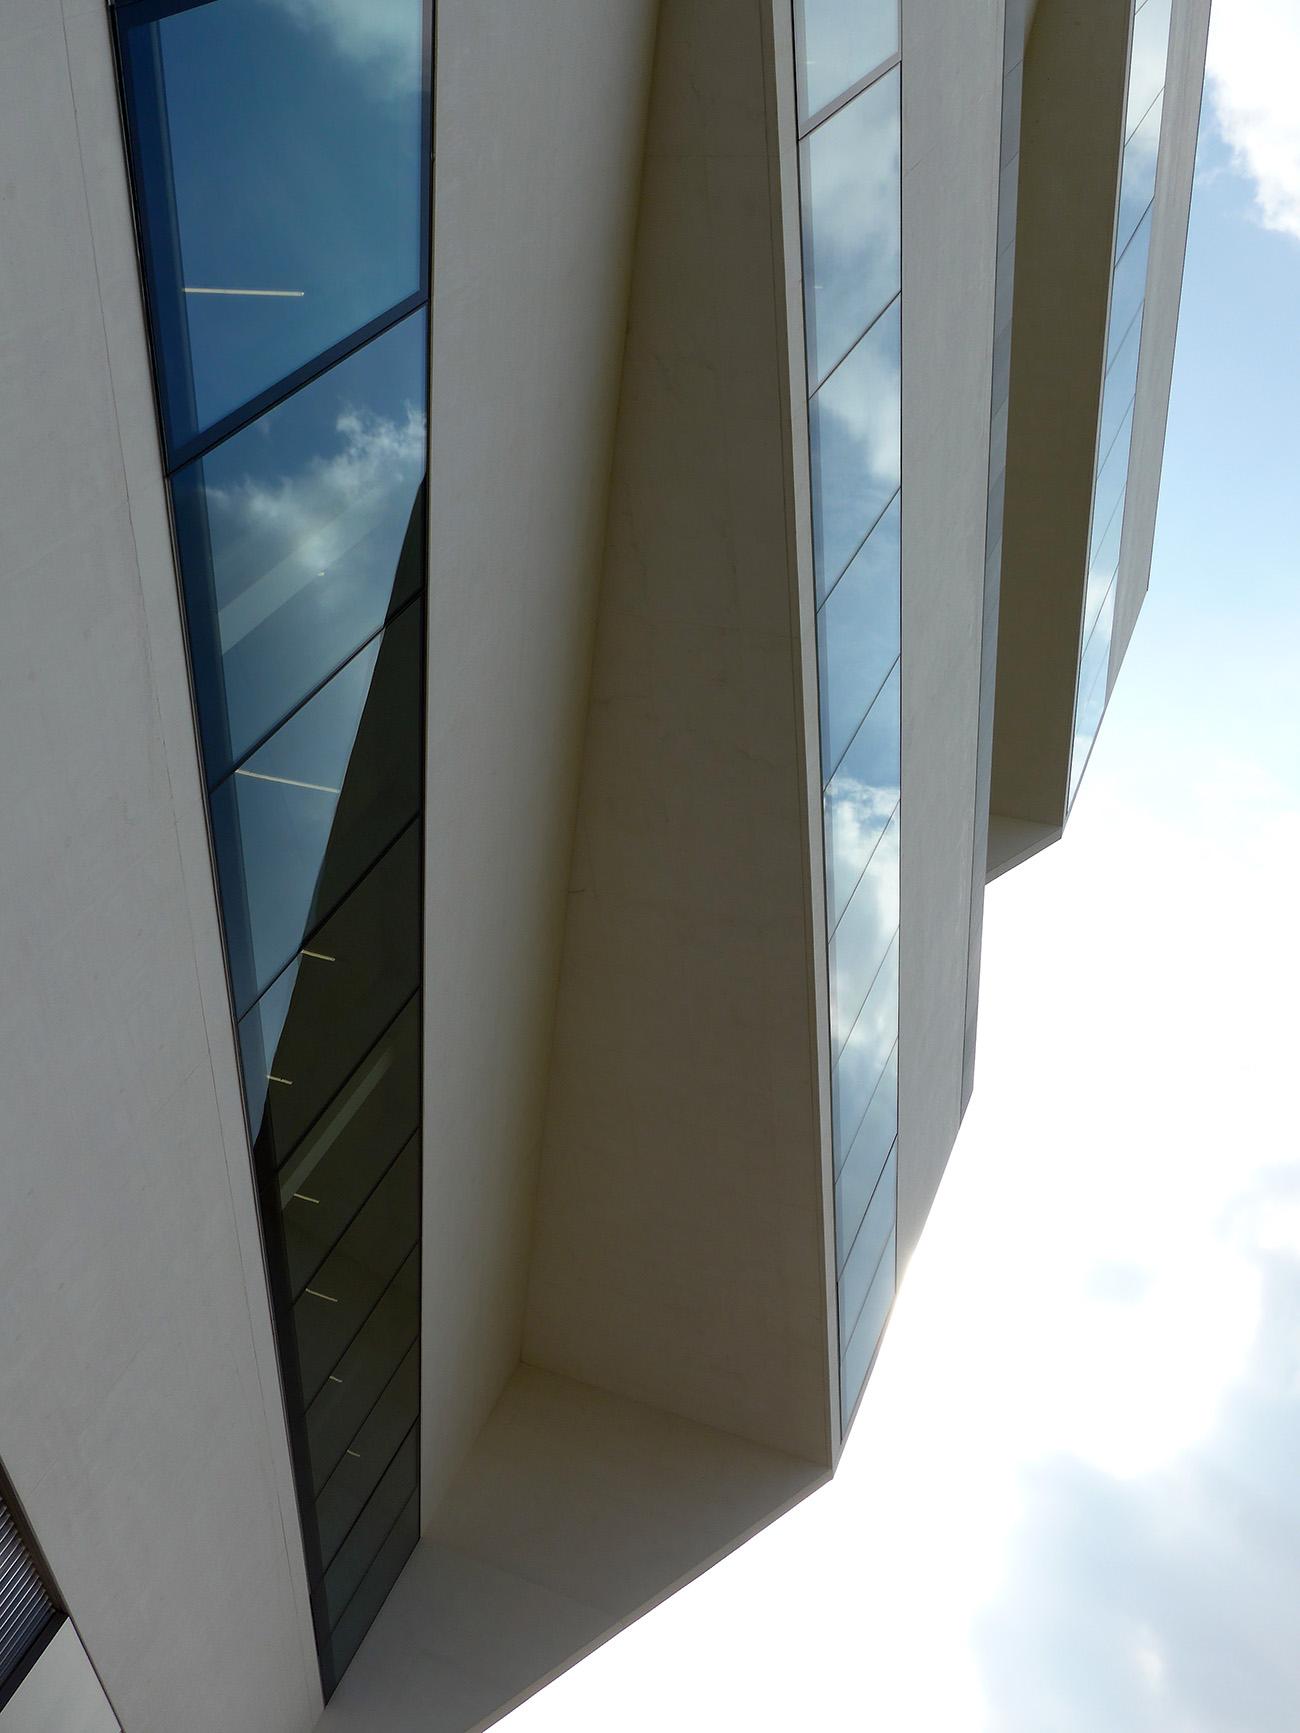 Torre – Fondazione Prada. Froschperspektive à la Rodchenko. Architekturprojekt OMA (Foto: Barbara Fässler)